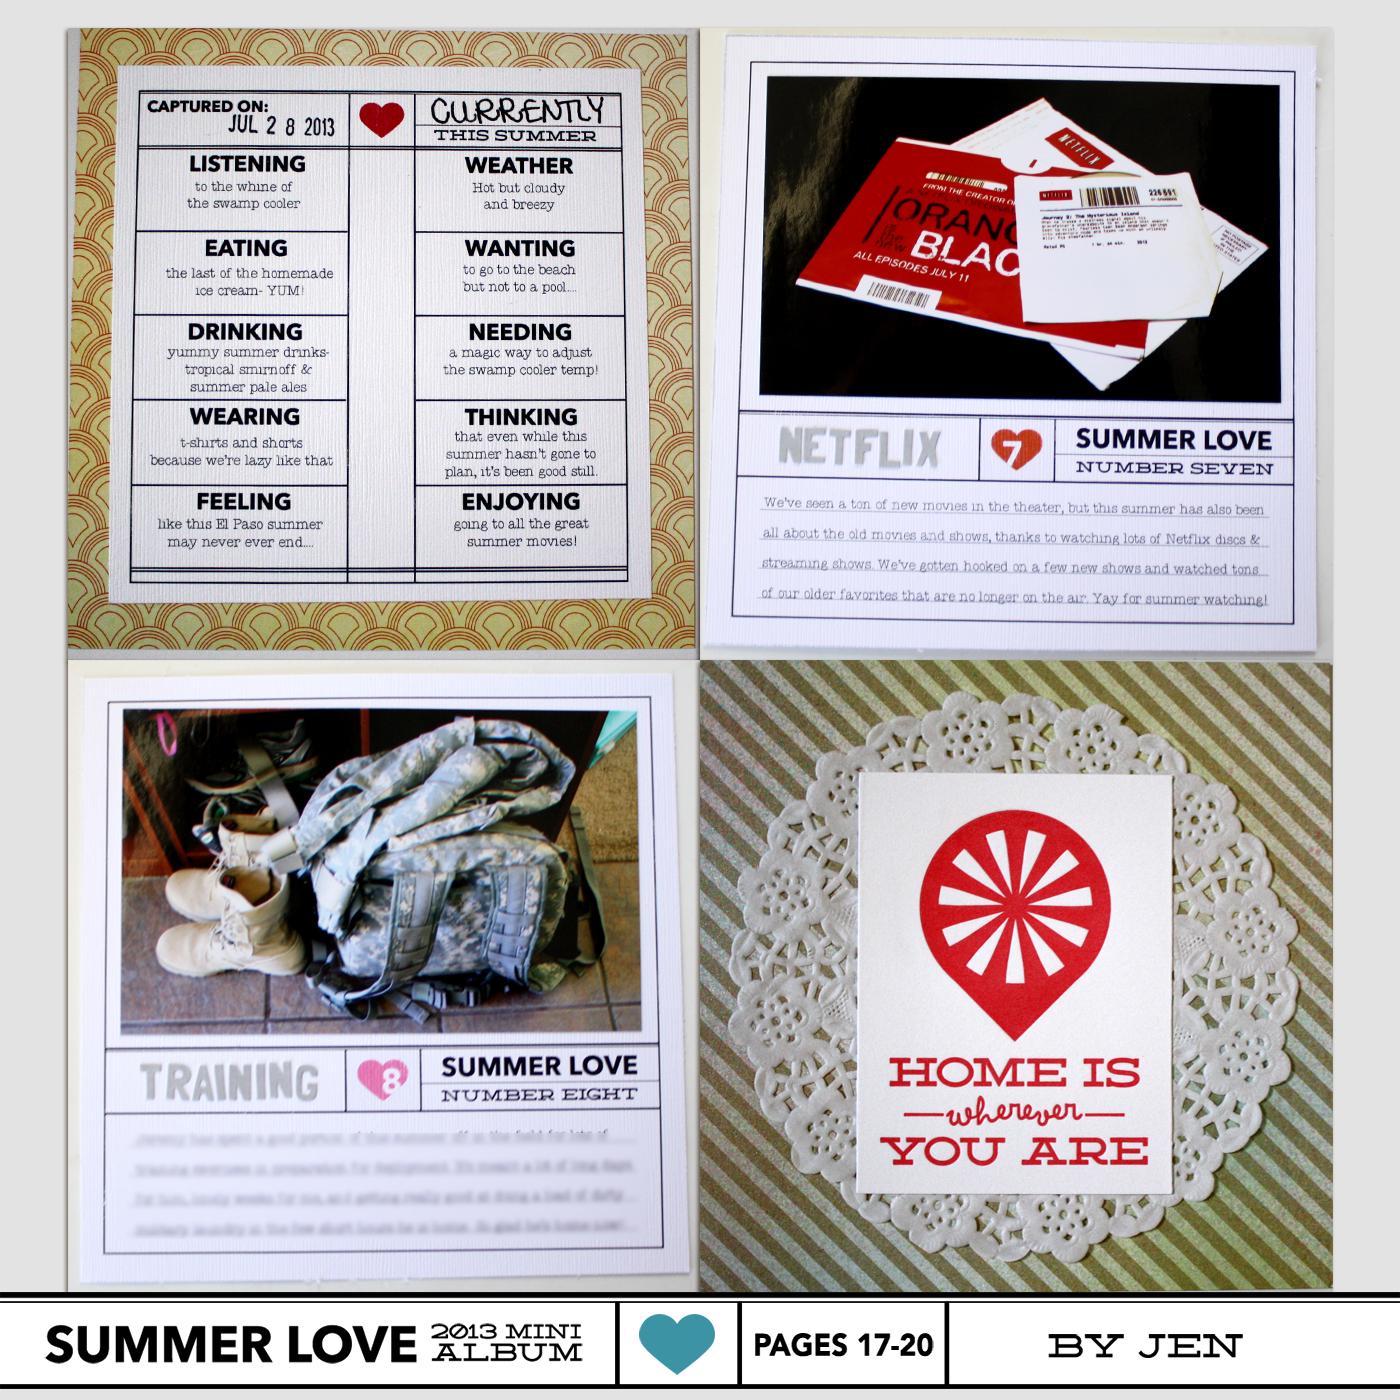 nettiodesigns_SummerLove-pg17-20-Jen